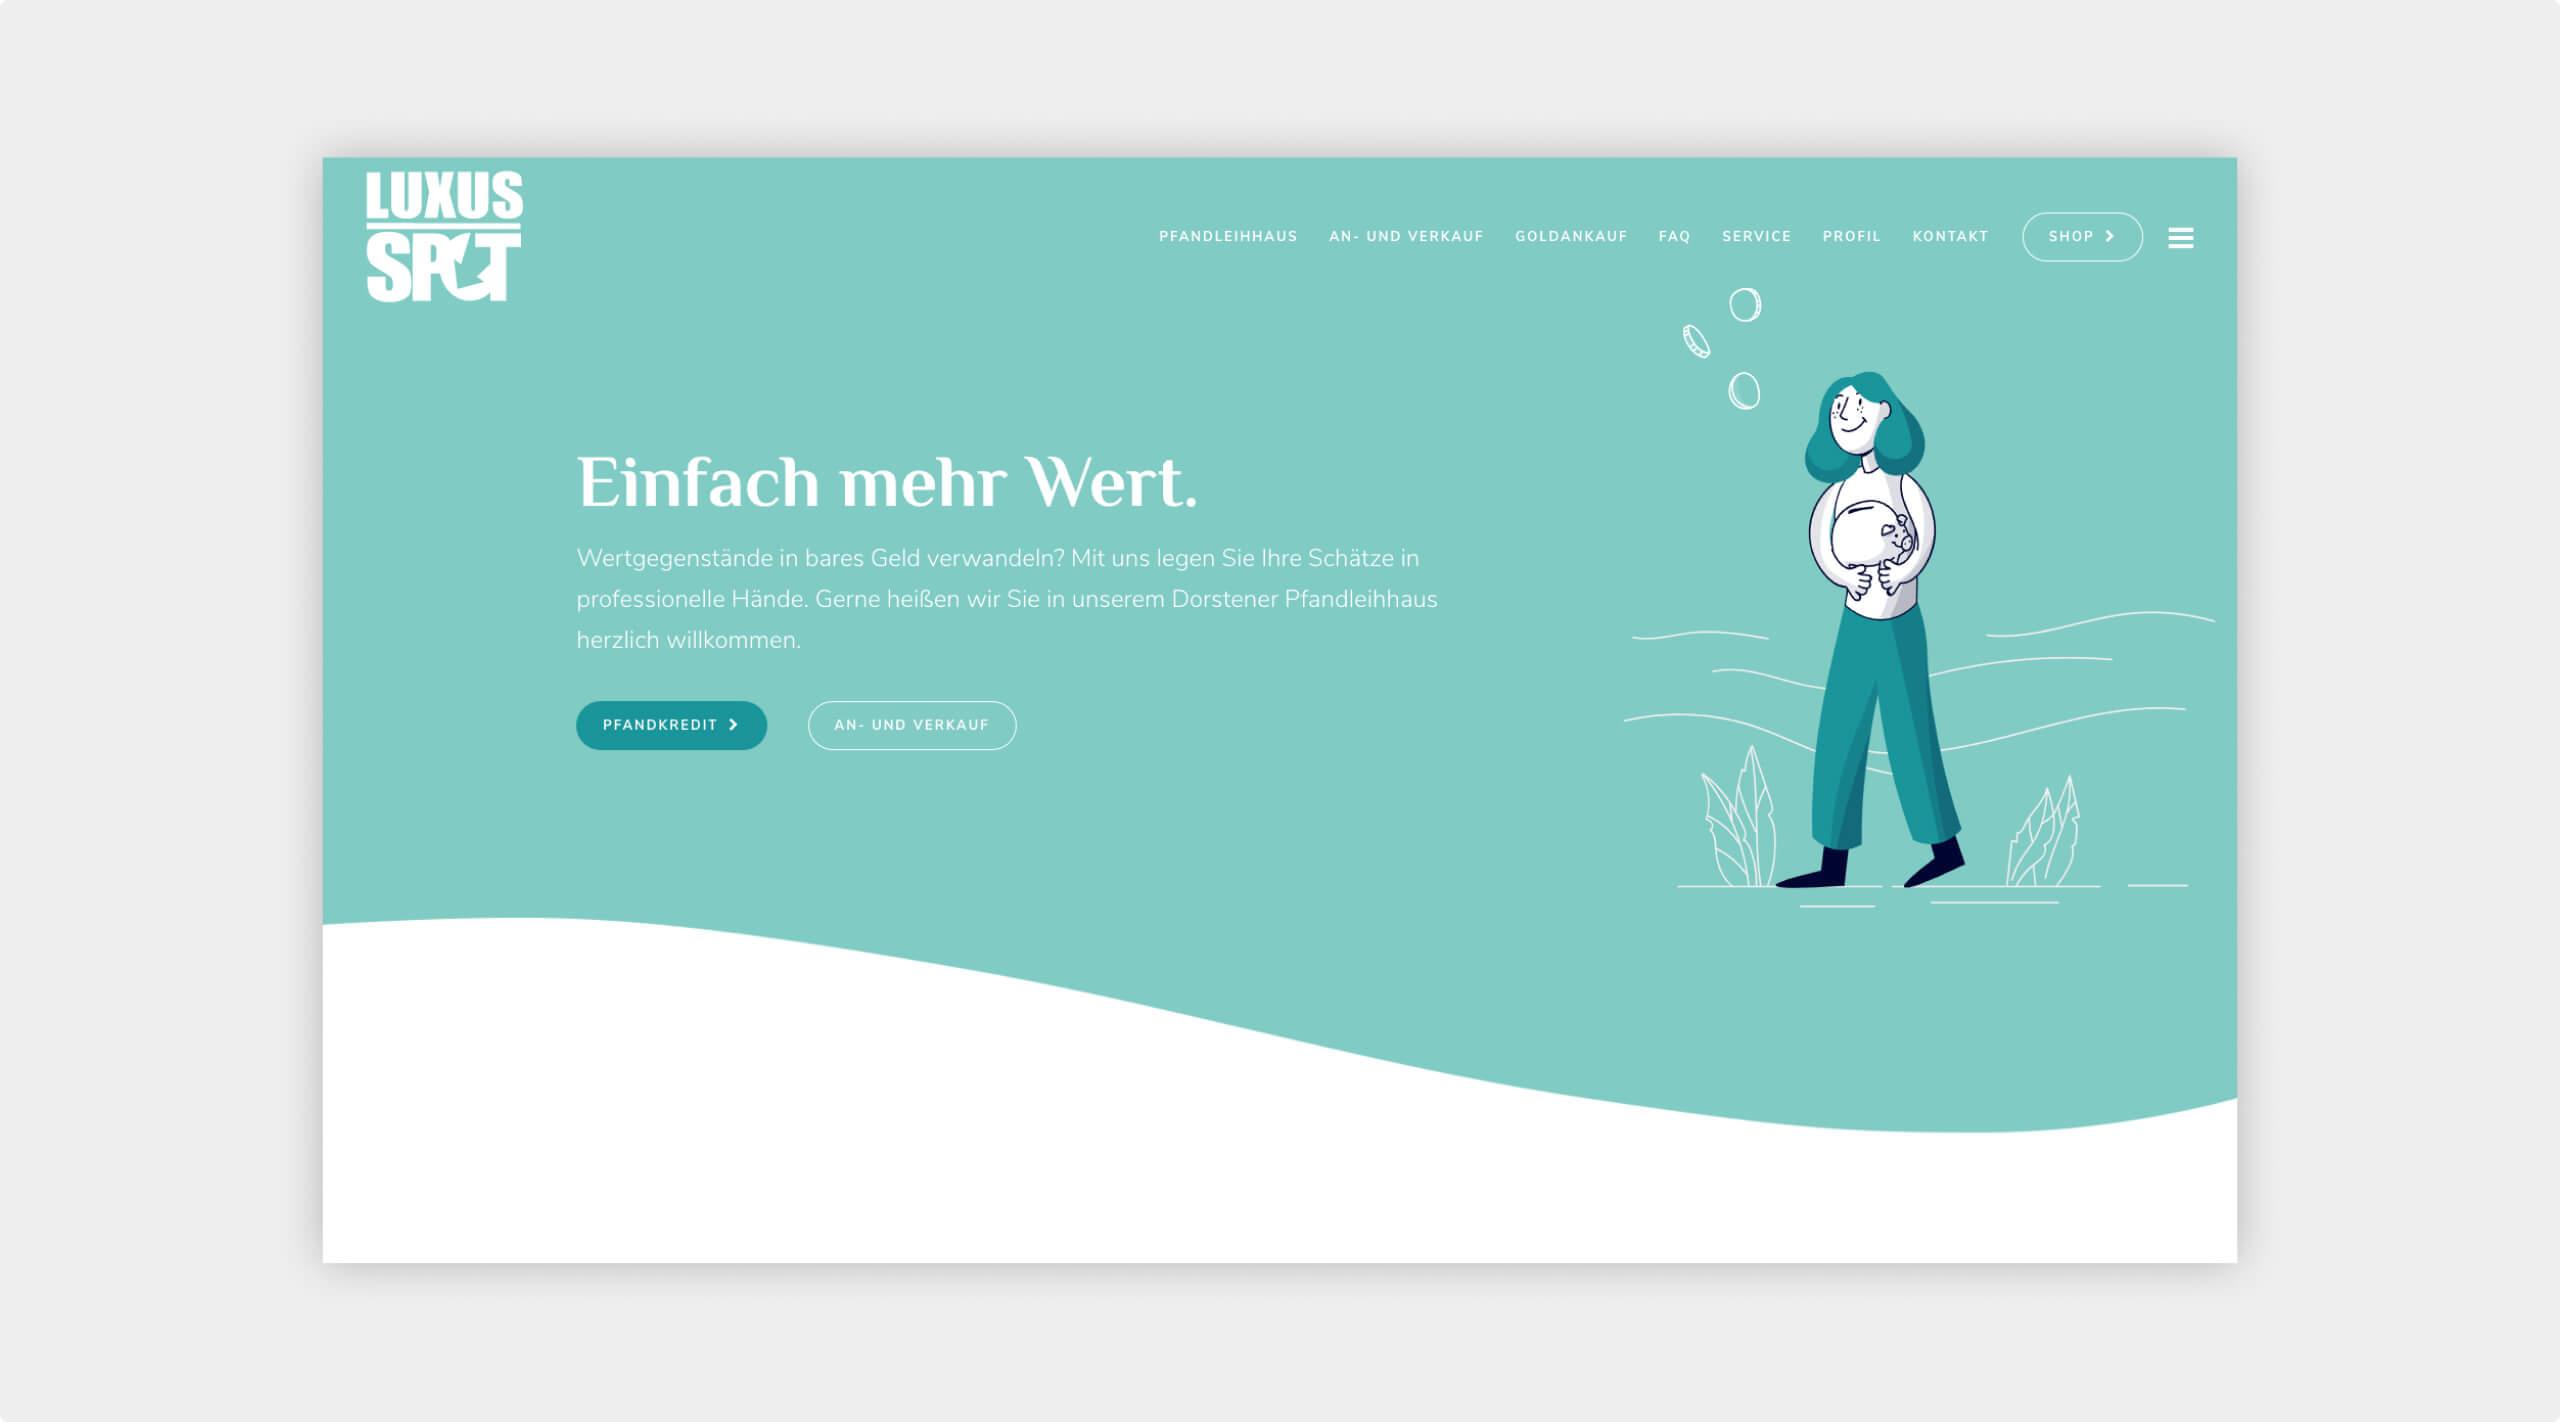 Screenshot der Startseite von Luxus Spot mit einem Einleitungstext, Buttons zu den Angeboten und einer Illustration einer Frau die ein Sparschwein hält.